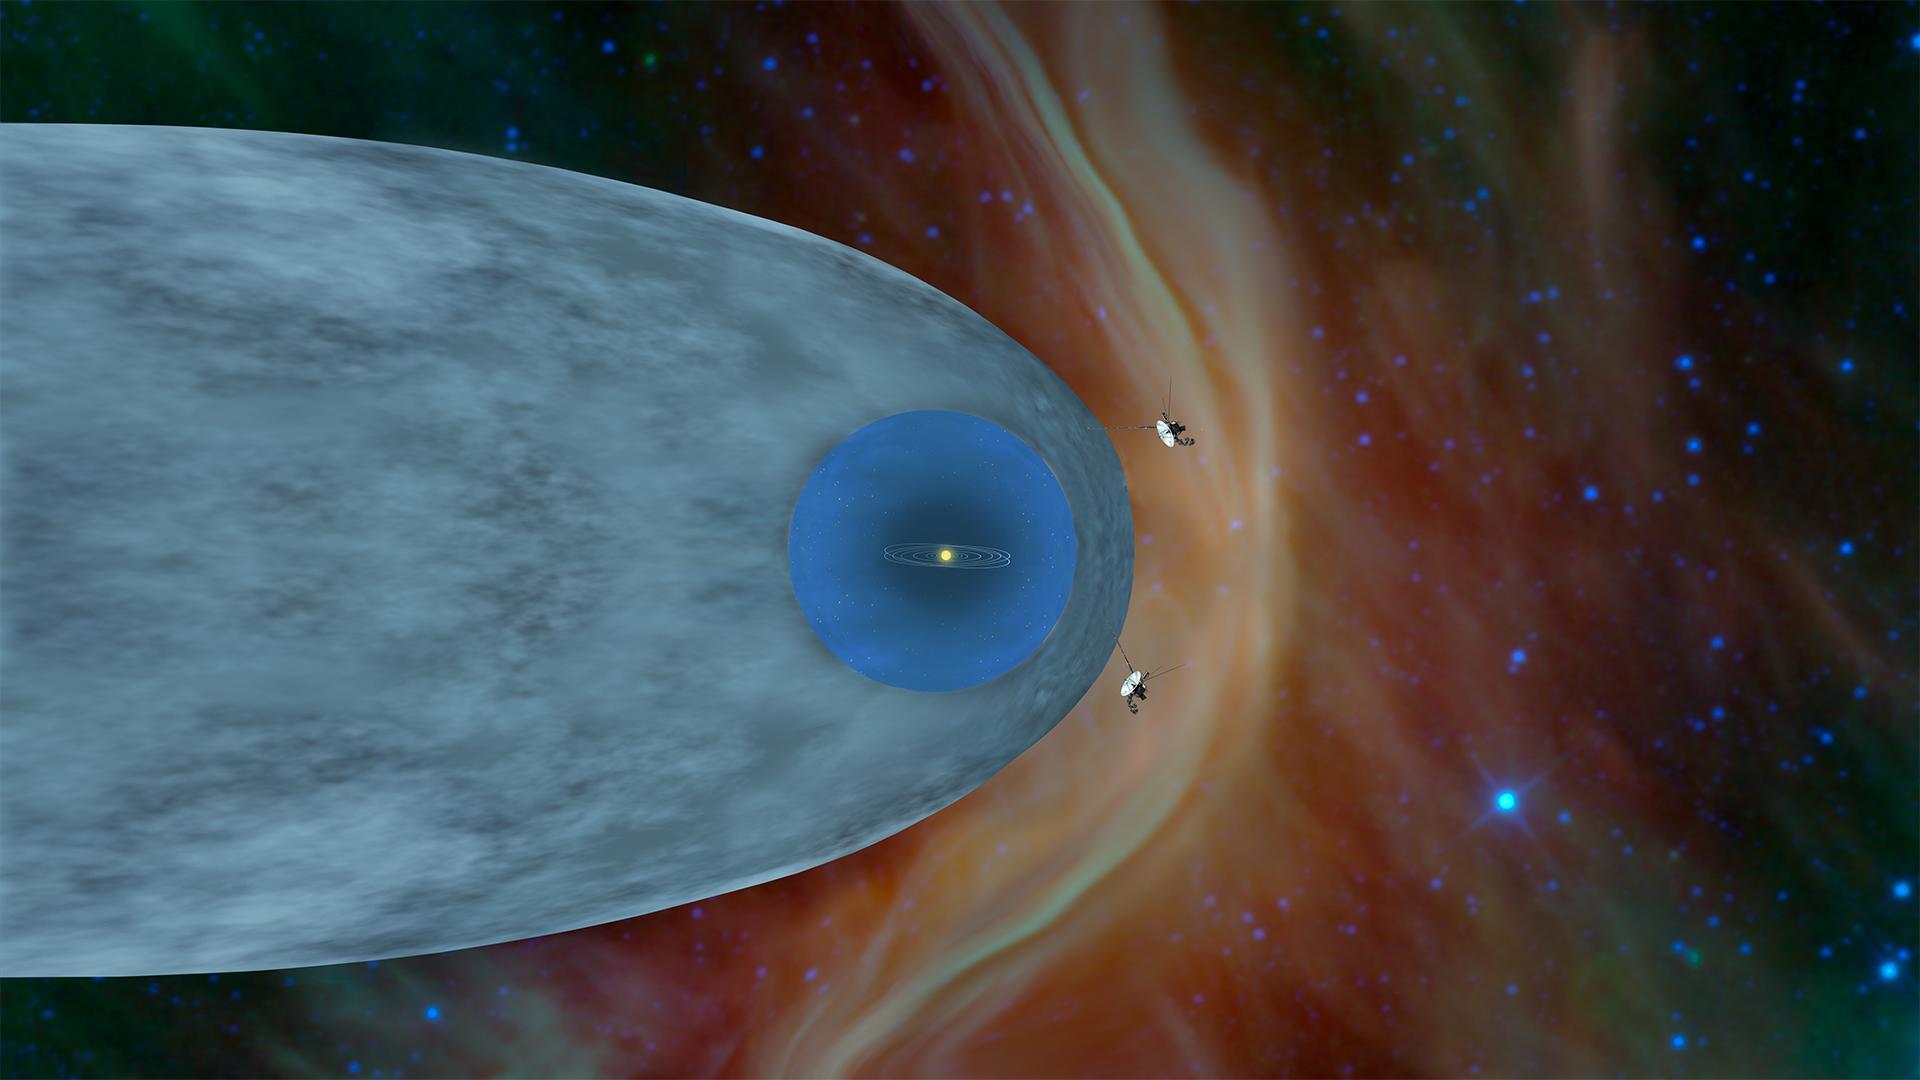 «Вояджер-2» вышел в межзвездное пространство: NASA